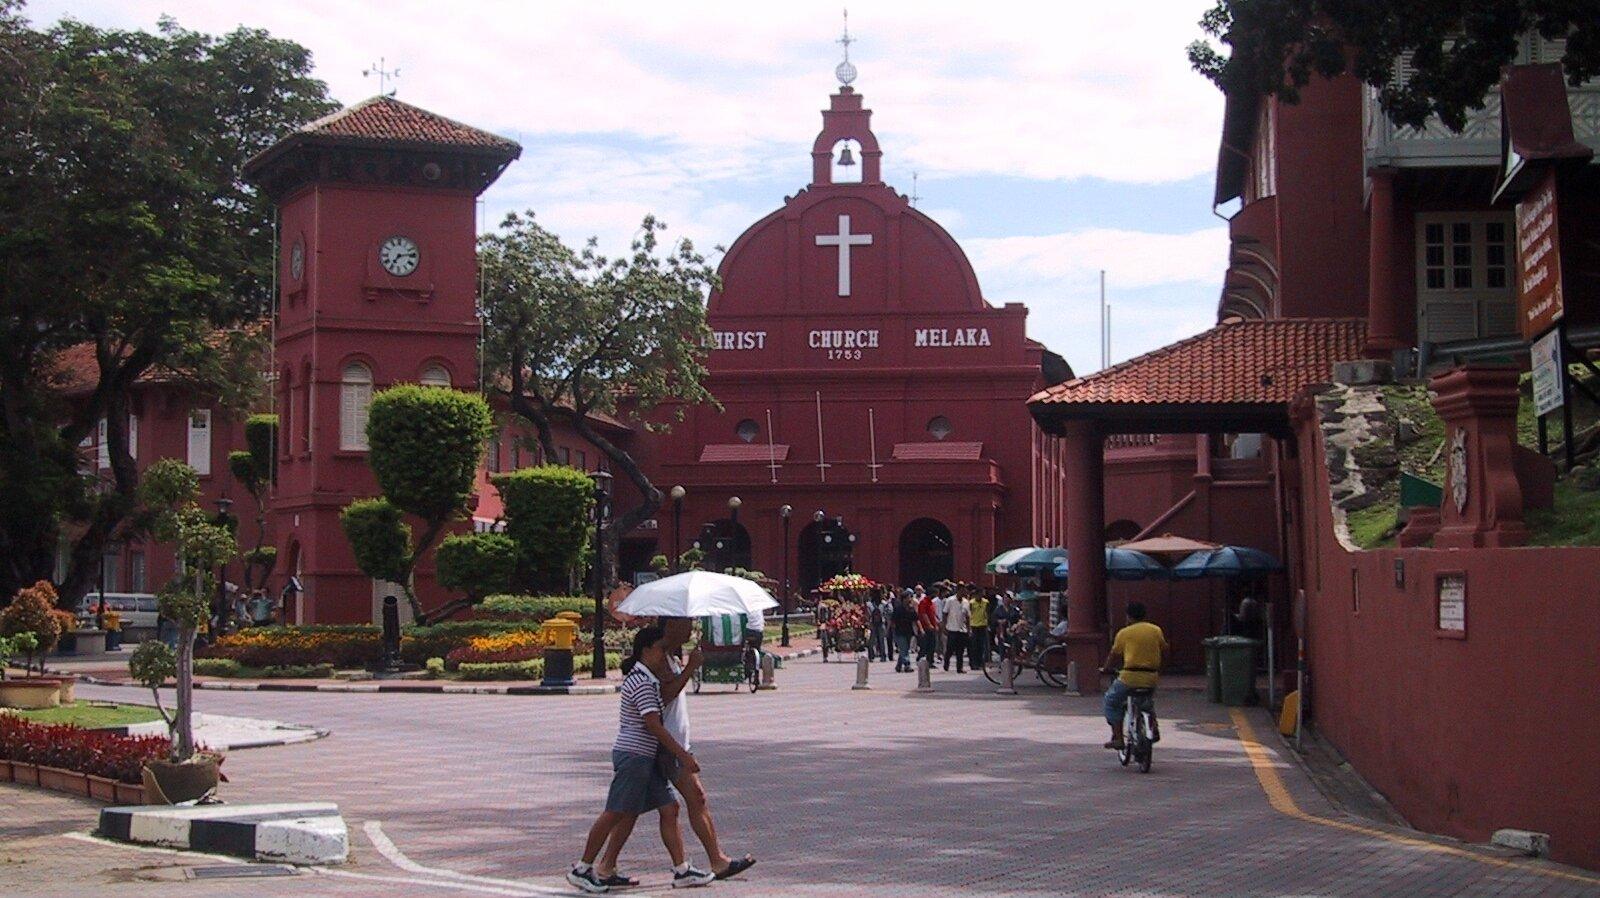 Dawna zabudowa kolonialna wMalakkce Dawna zabudowa kolonialna wMalakkce Źródło: AngMoKio, fotografia, domena publiczna.